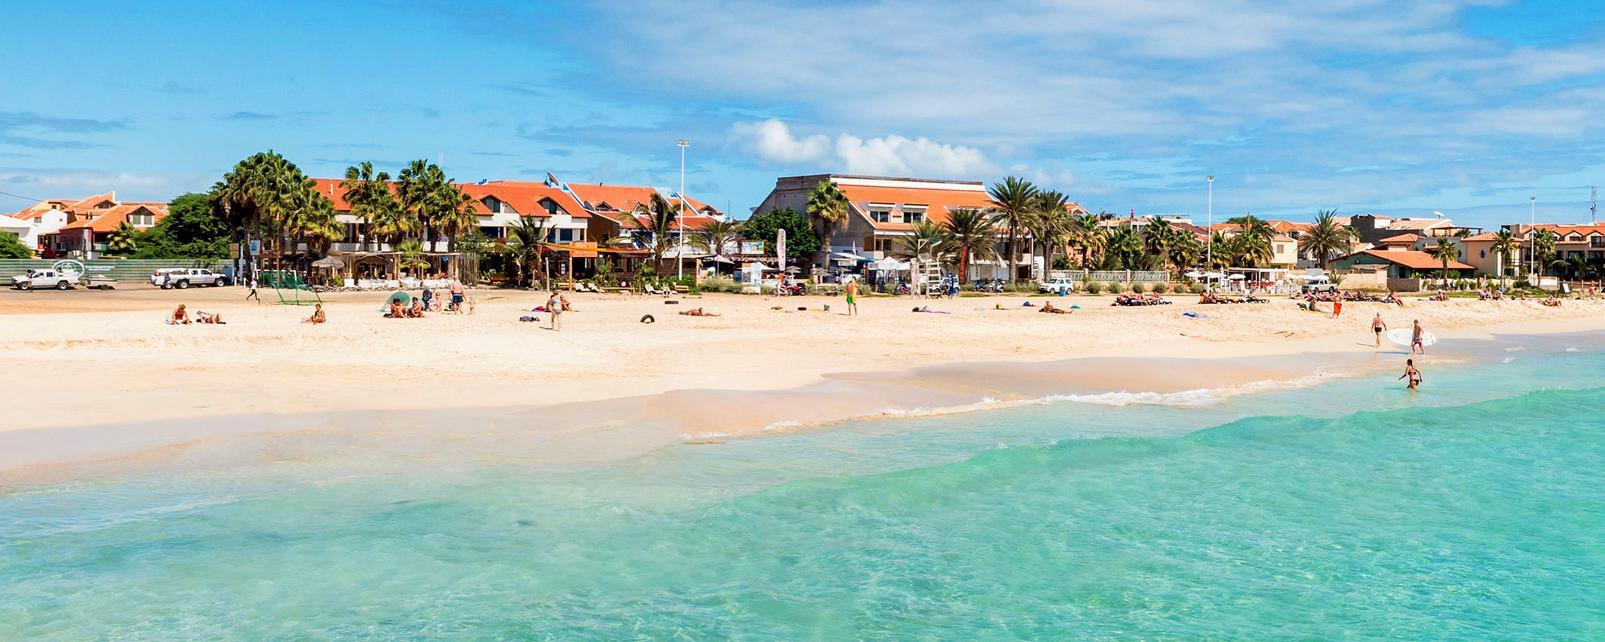 Afrique; Cap-Vert; Santa Maria; plage; baignade; mer; sable; ville; maison;